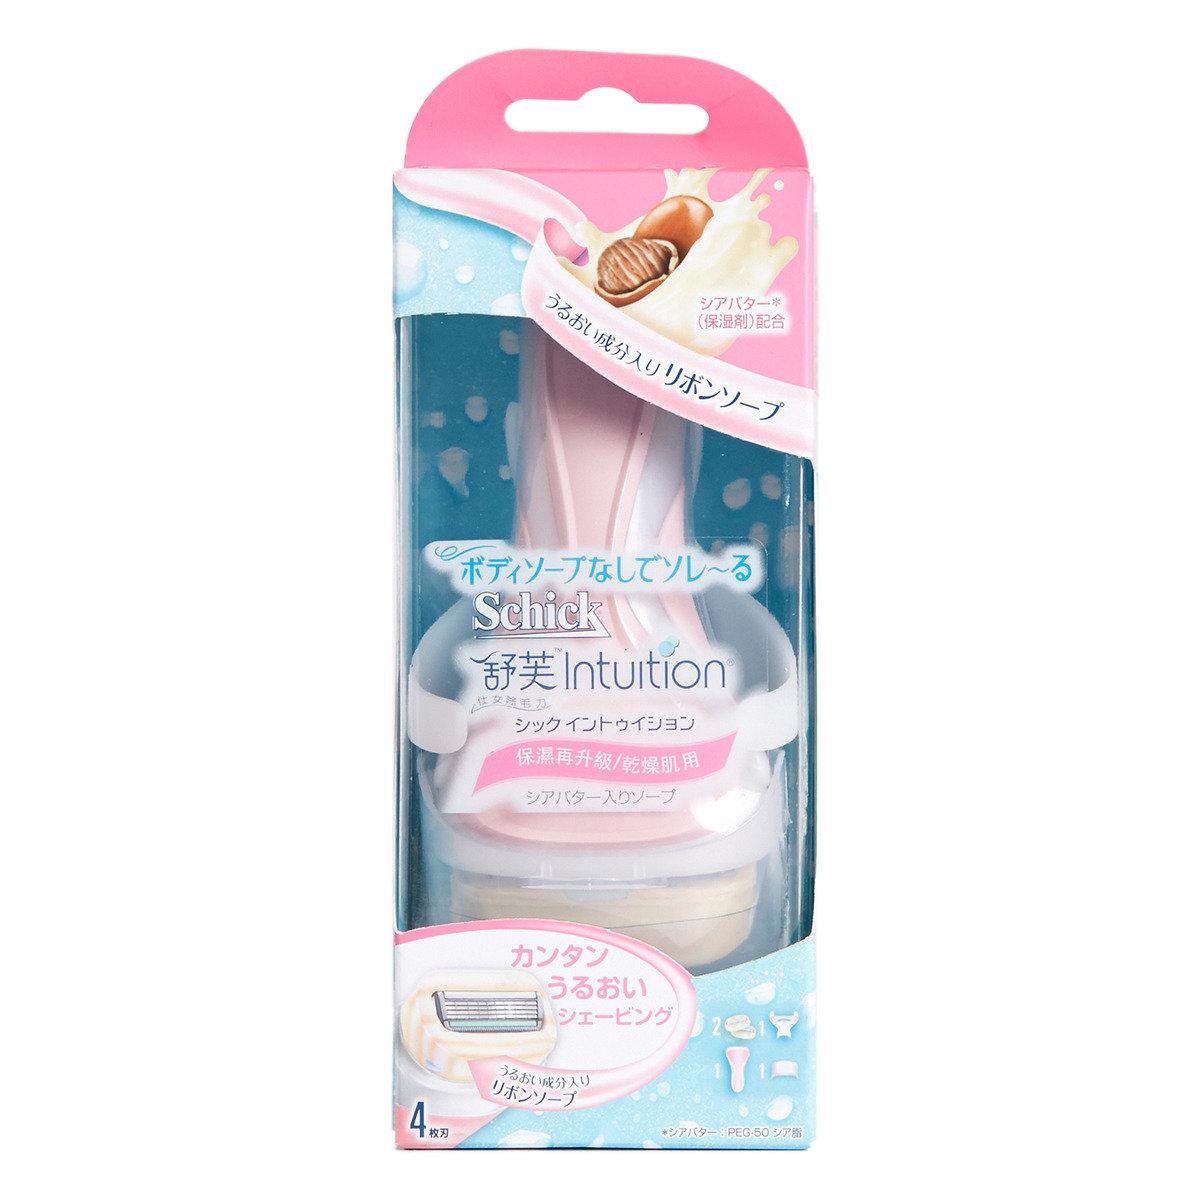 舒芙女裝刀刨連二刀片 (乾性皮膚適用) - 粉紅色